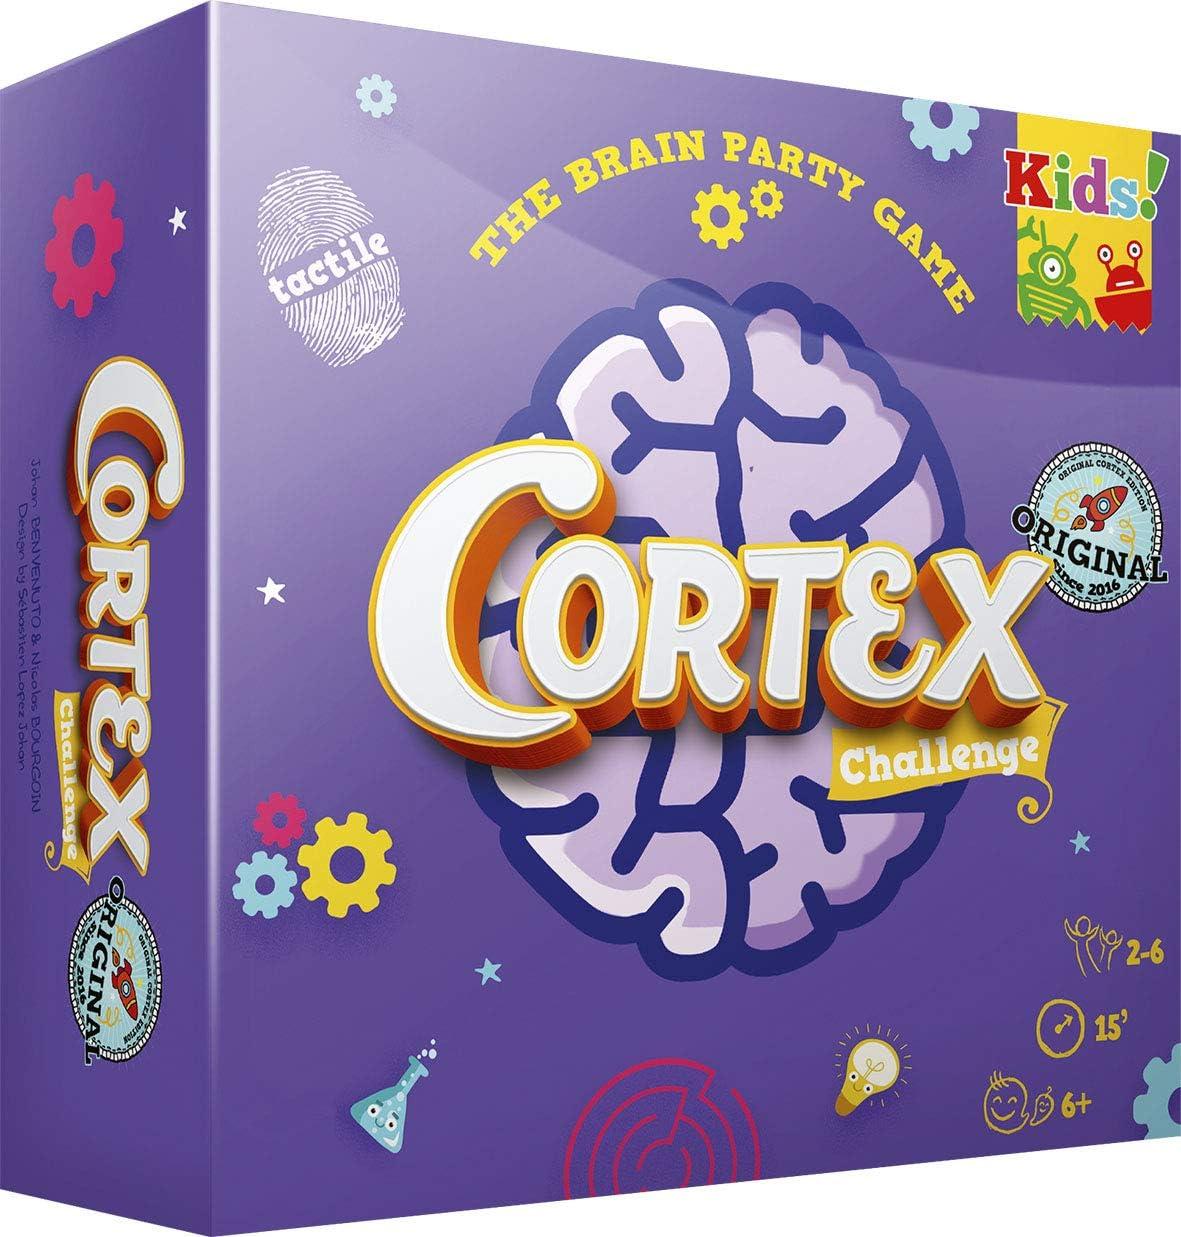 Zygomatic Cortex Kids, juego de mesa, color (Asmodee COR02ML) , color/modelo surtido: Amazon.es: Juguetes y juegos